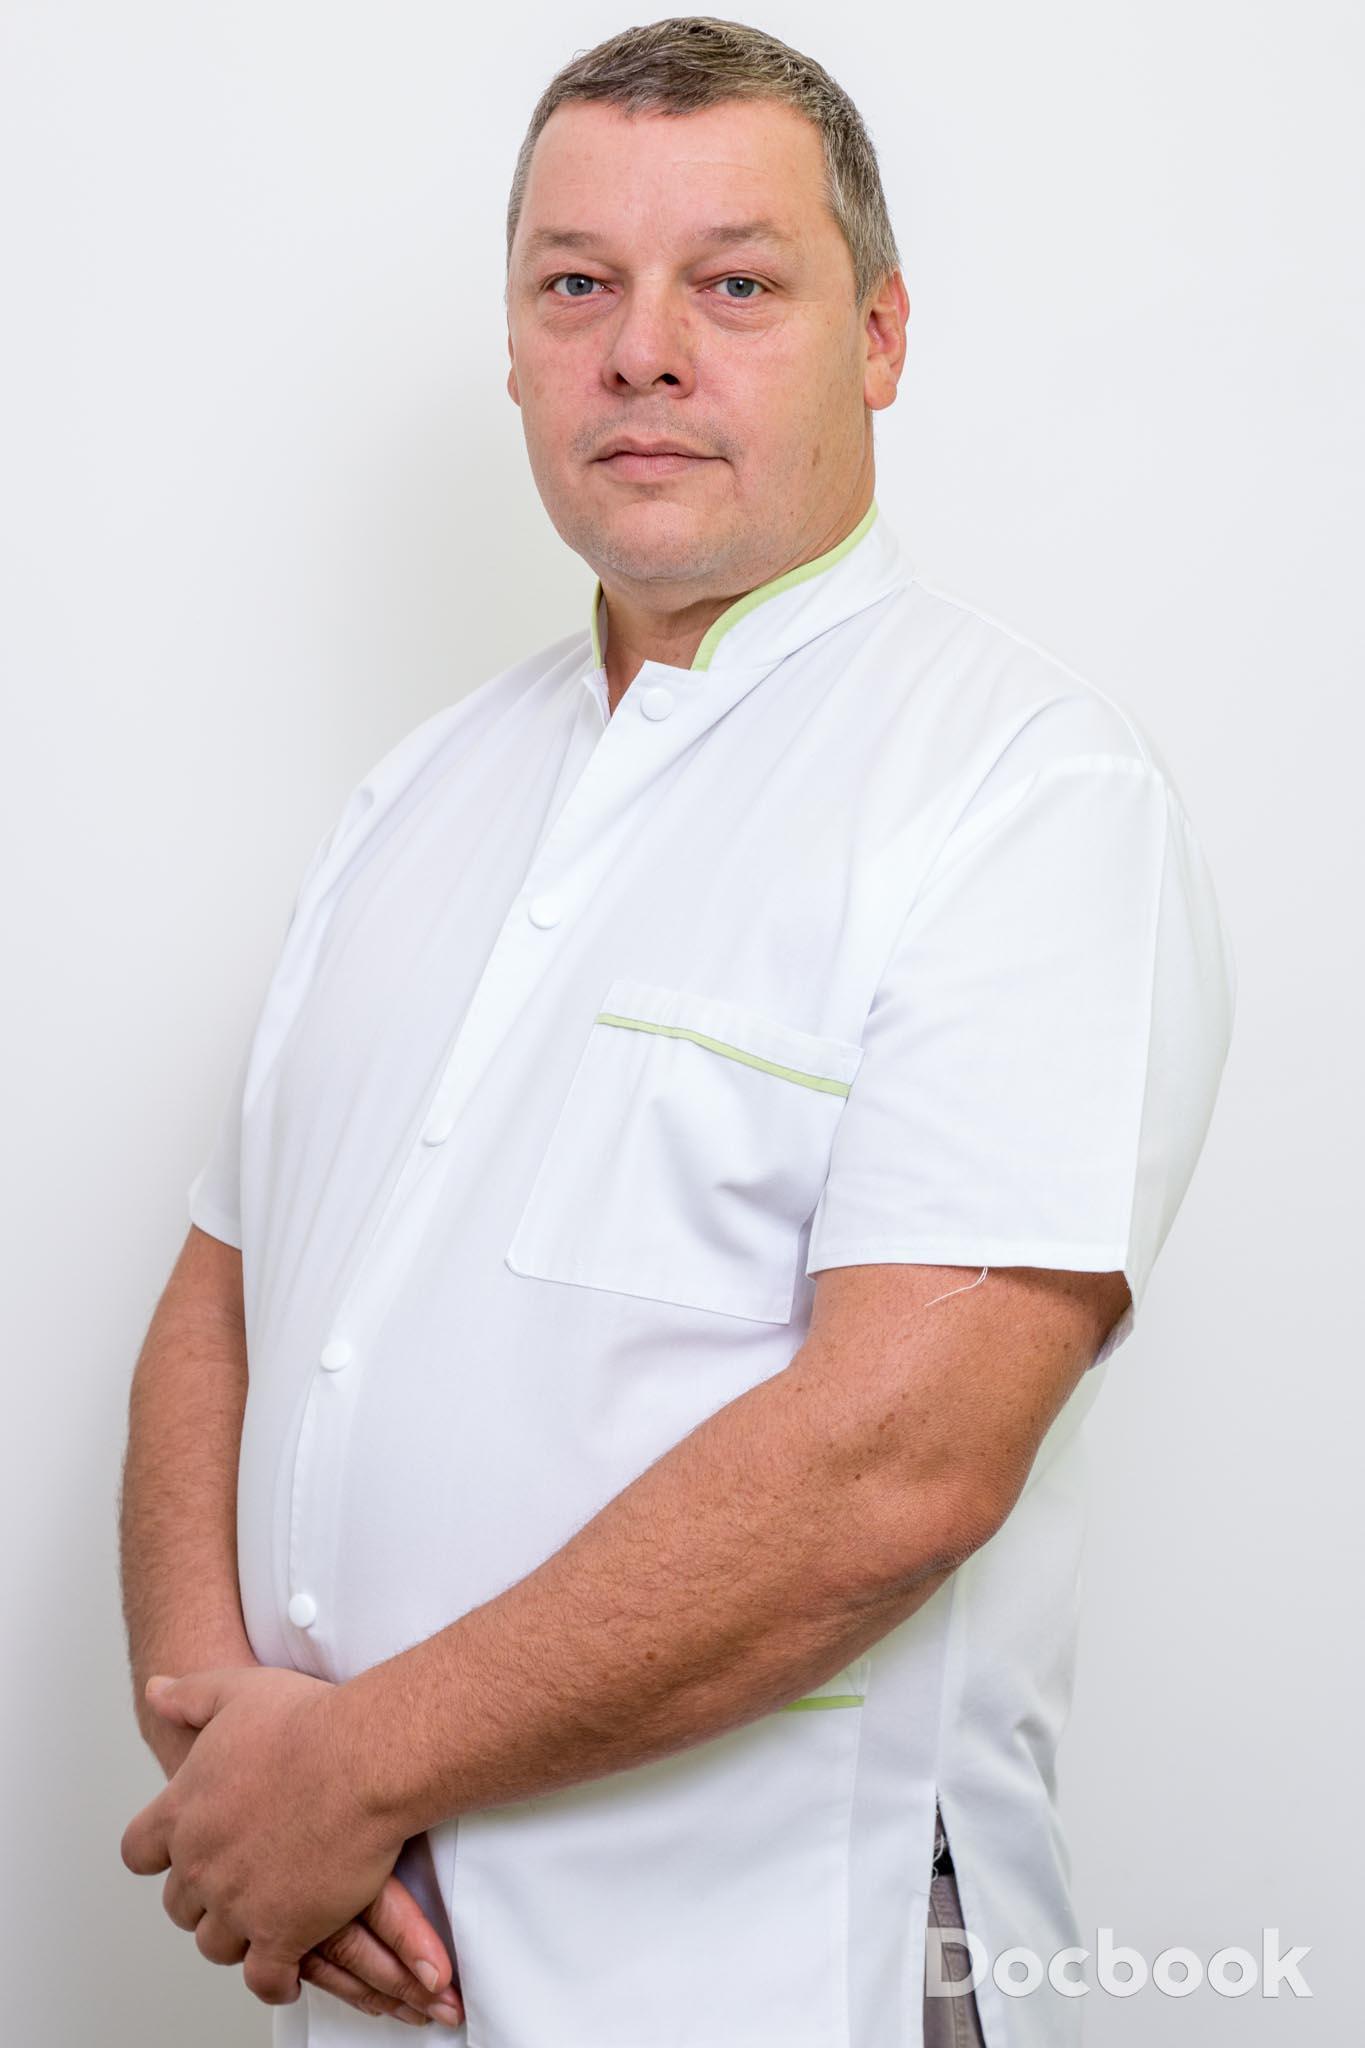 Dr.  Ursache Tudor Andrei